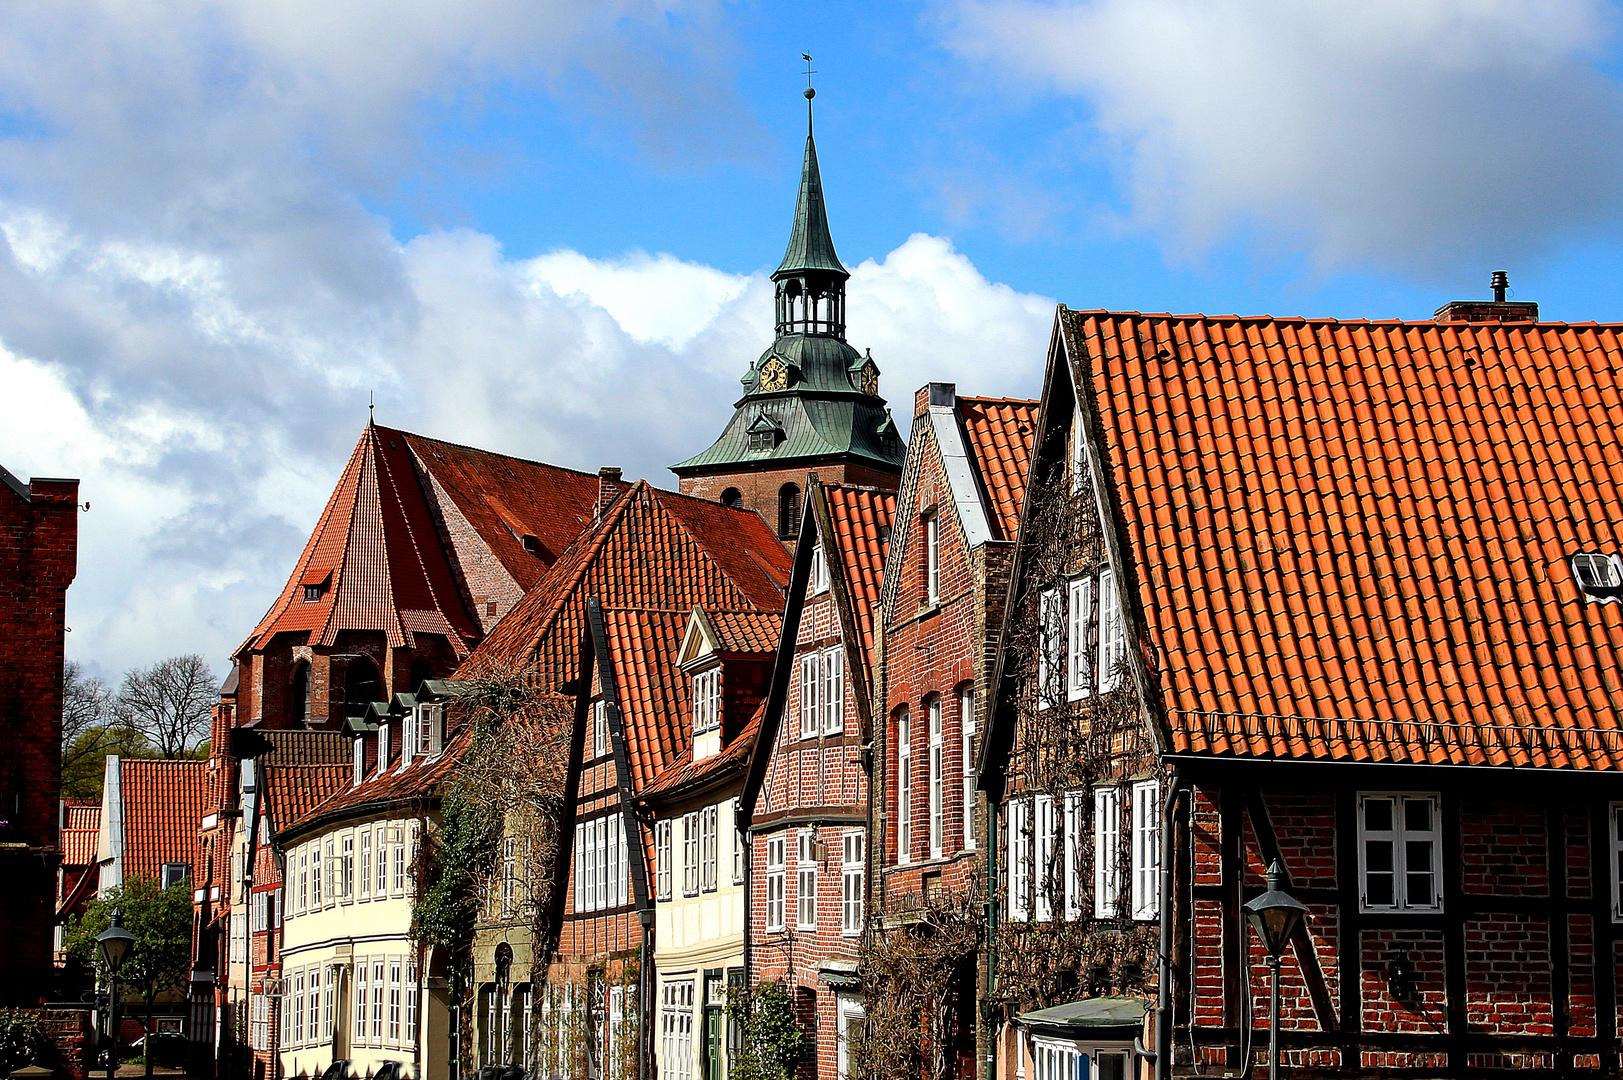 Schöne Ecken in Lüneburg 2